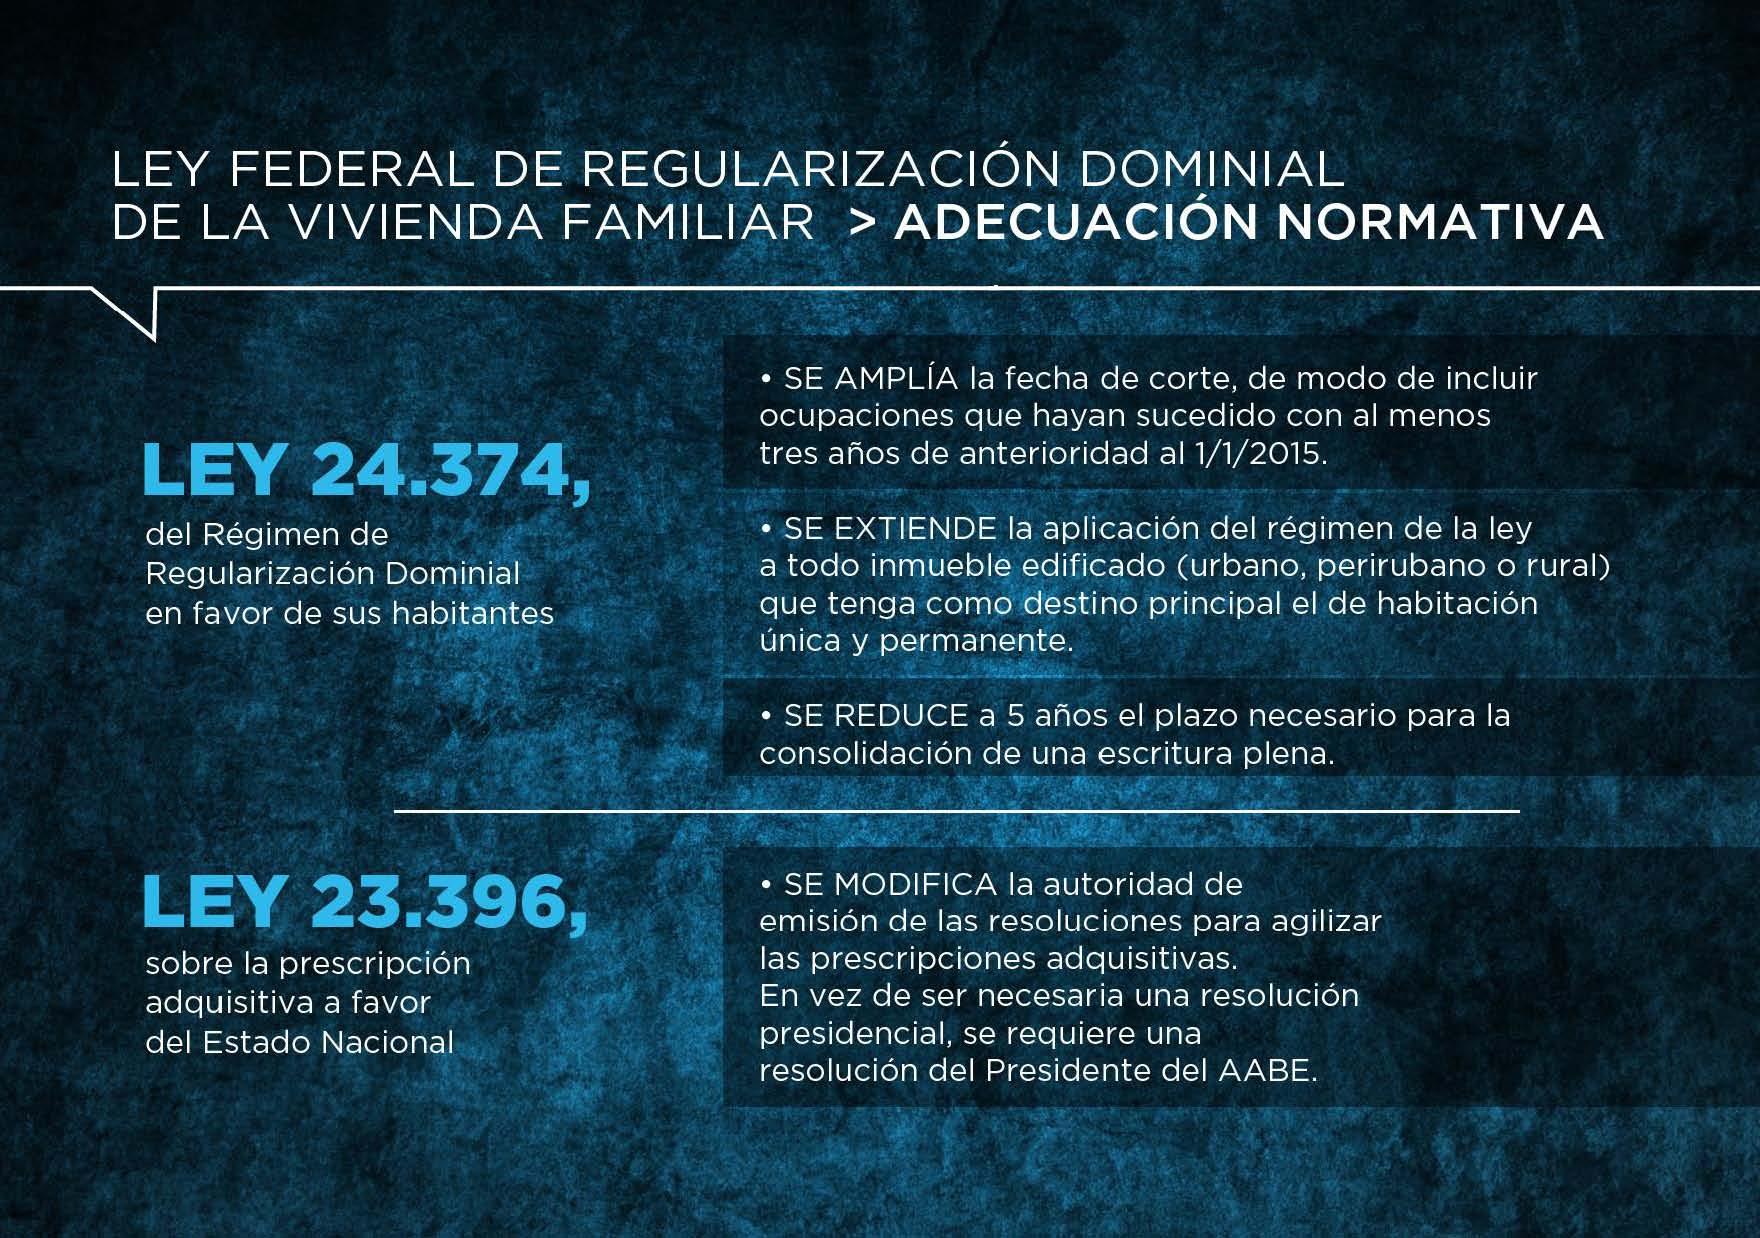 Presentamos el Plan Federal de Regularización Dominial de la Vivienda Familiar